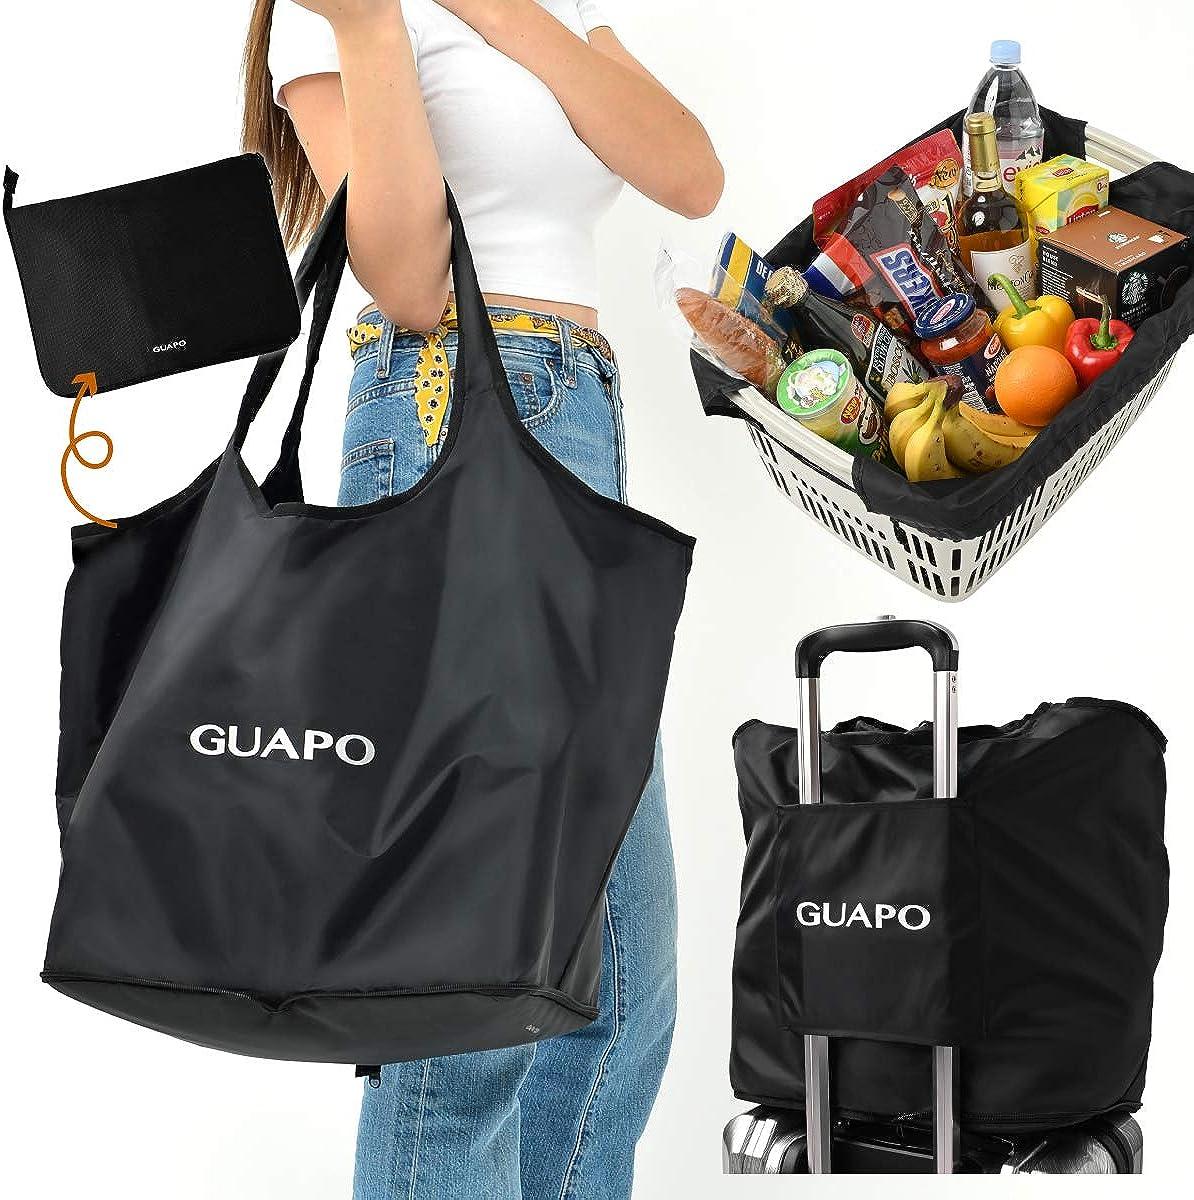 GUAPO ショッピングバッグ